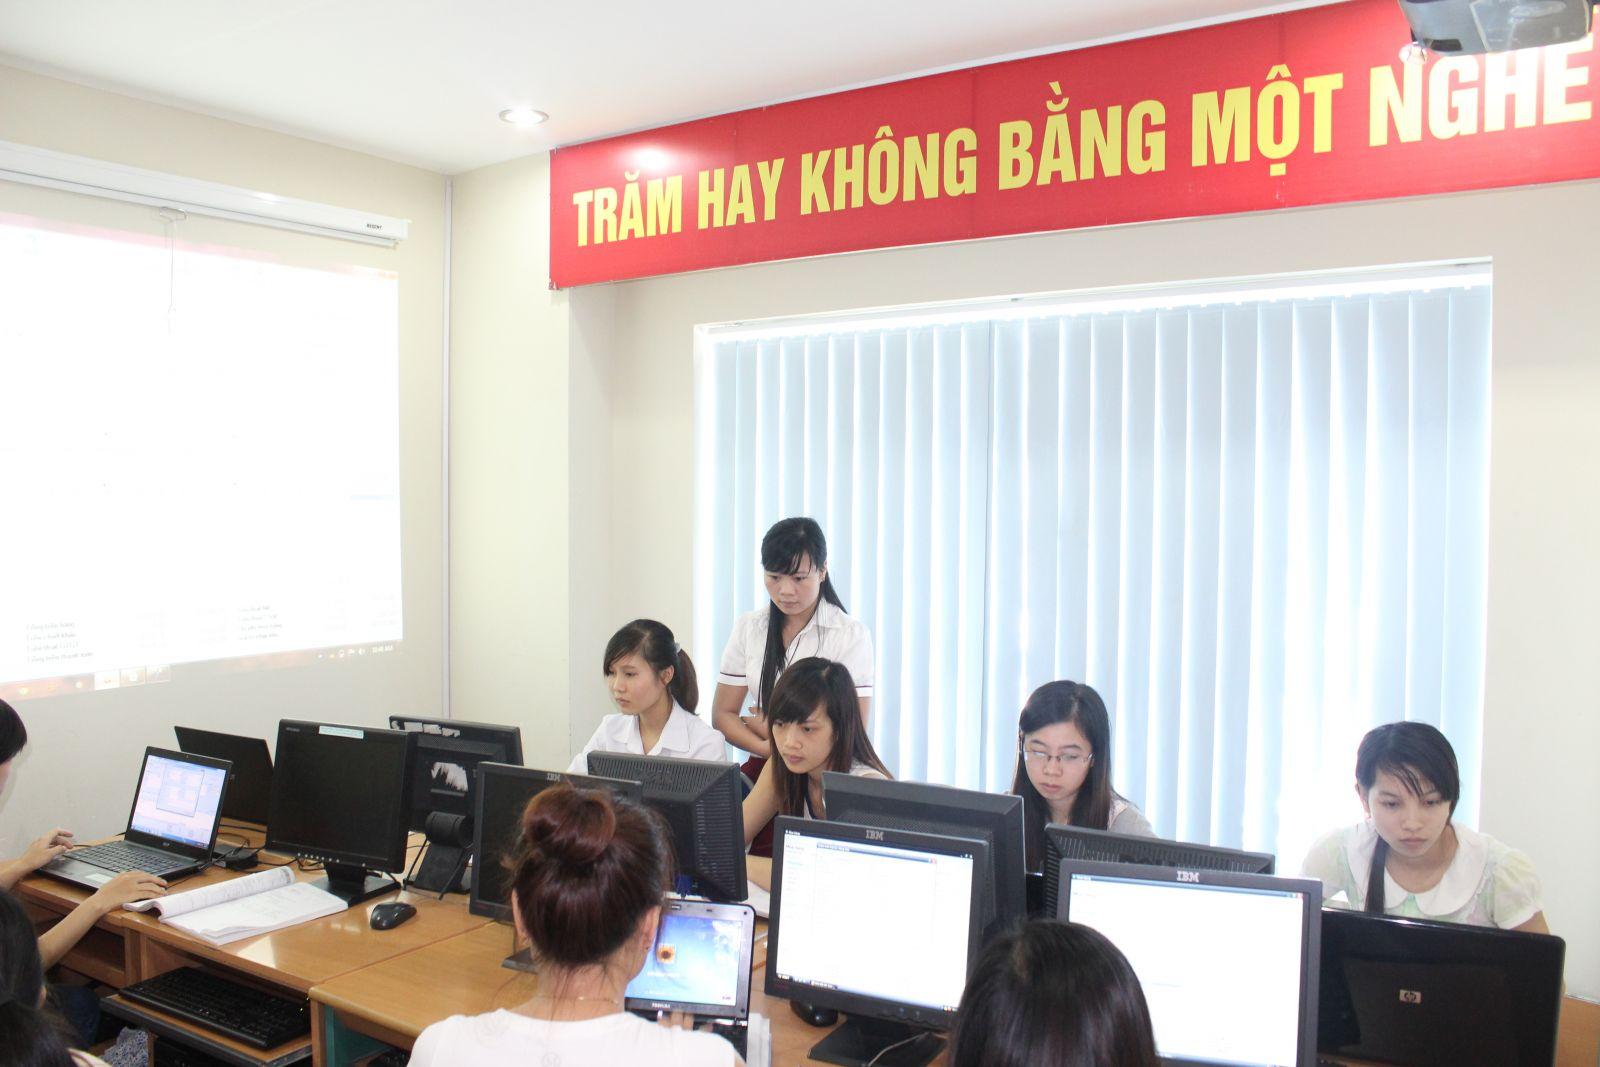 Hình ảnh: lớp học tại Trung tâm đào tạo kế toán tại Hai Bà Trưng